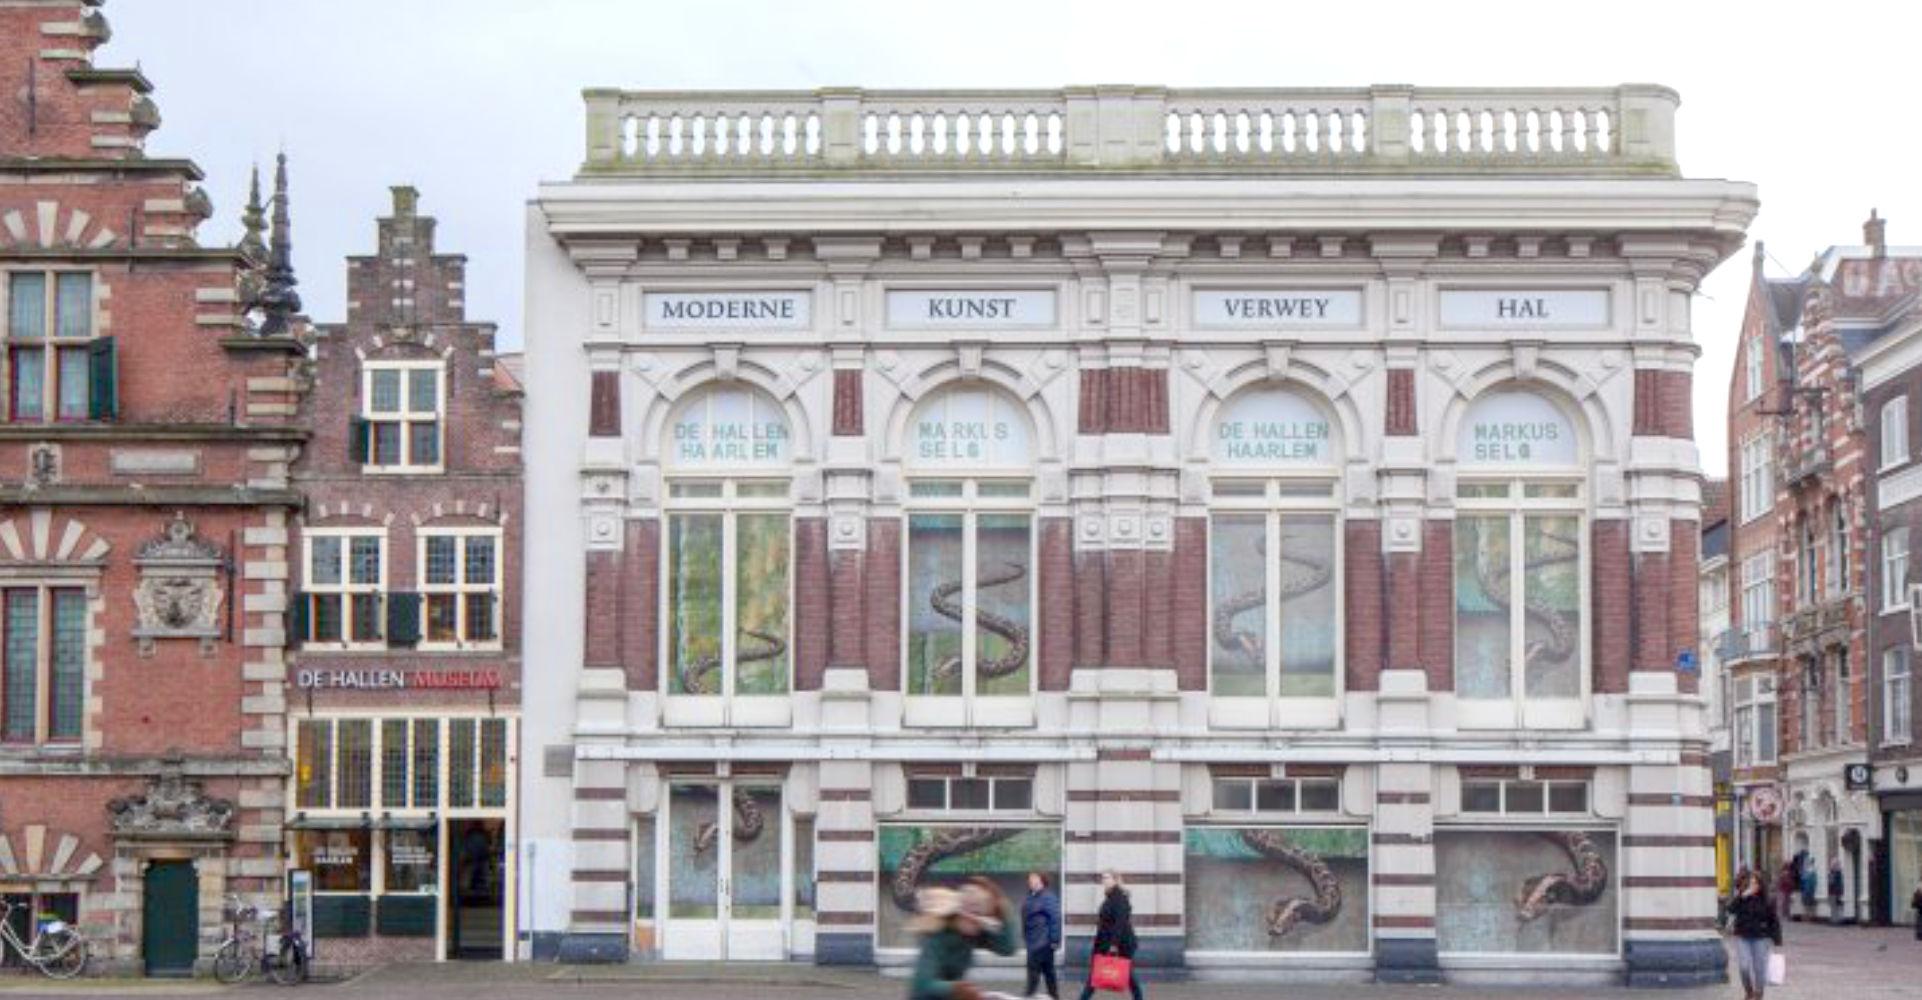 De Hallen, Haarlem